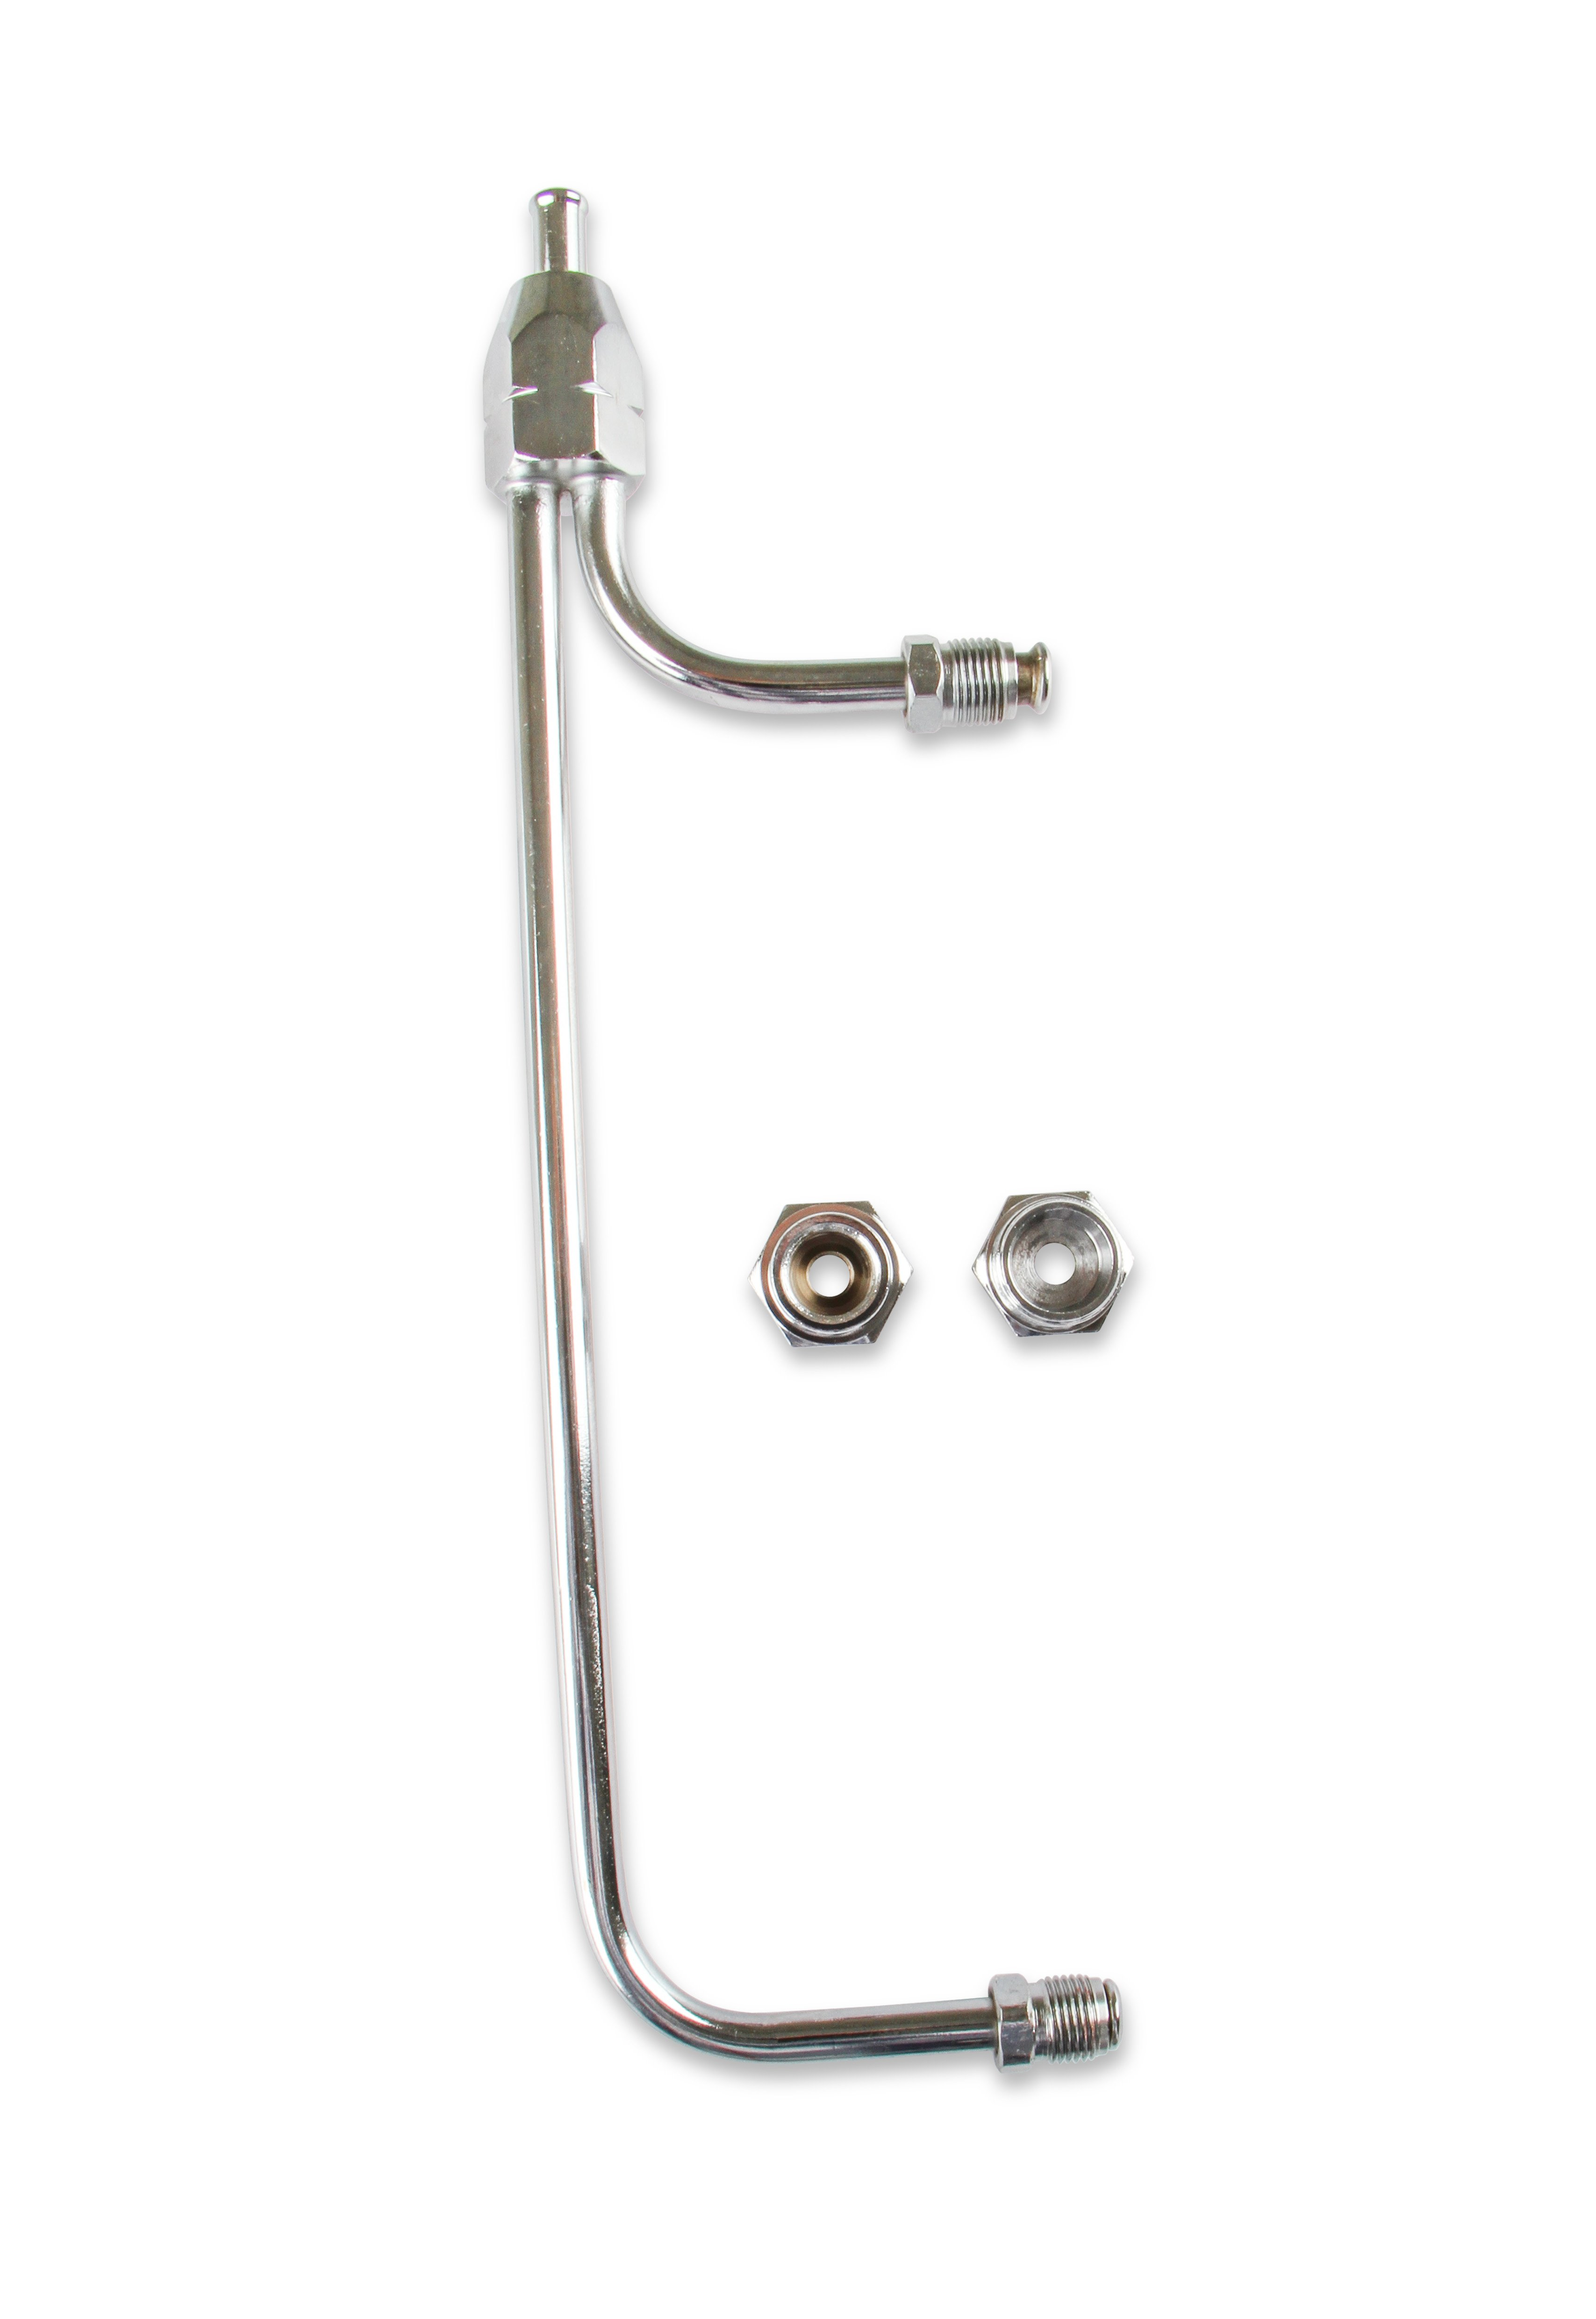 Gasket 1552 Chrome Gas Line Kit for Holley 4-barrel carburetor Mr Gasket Mr